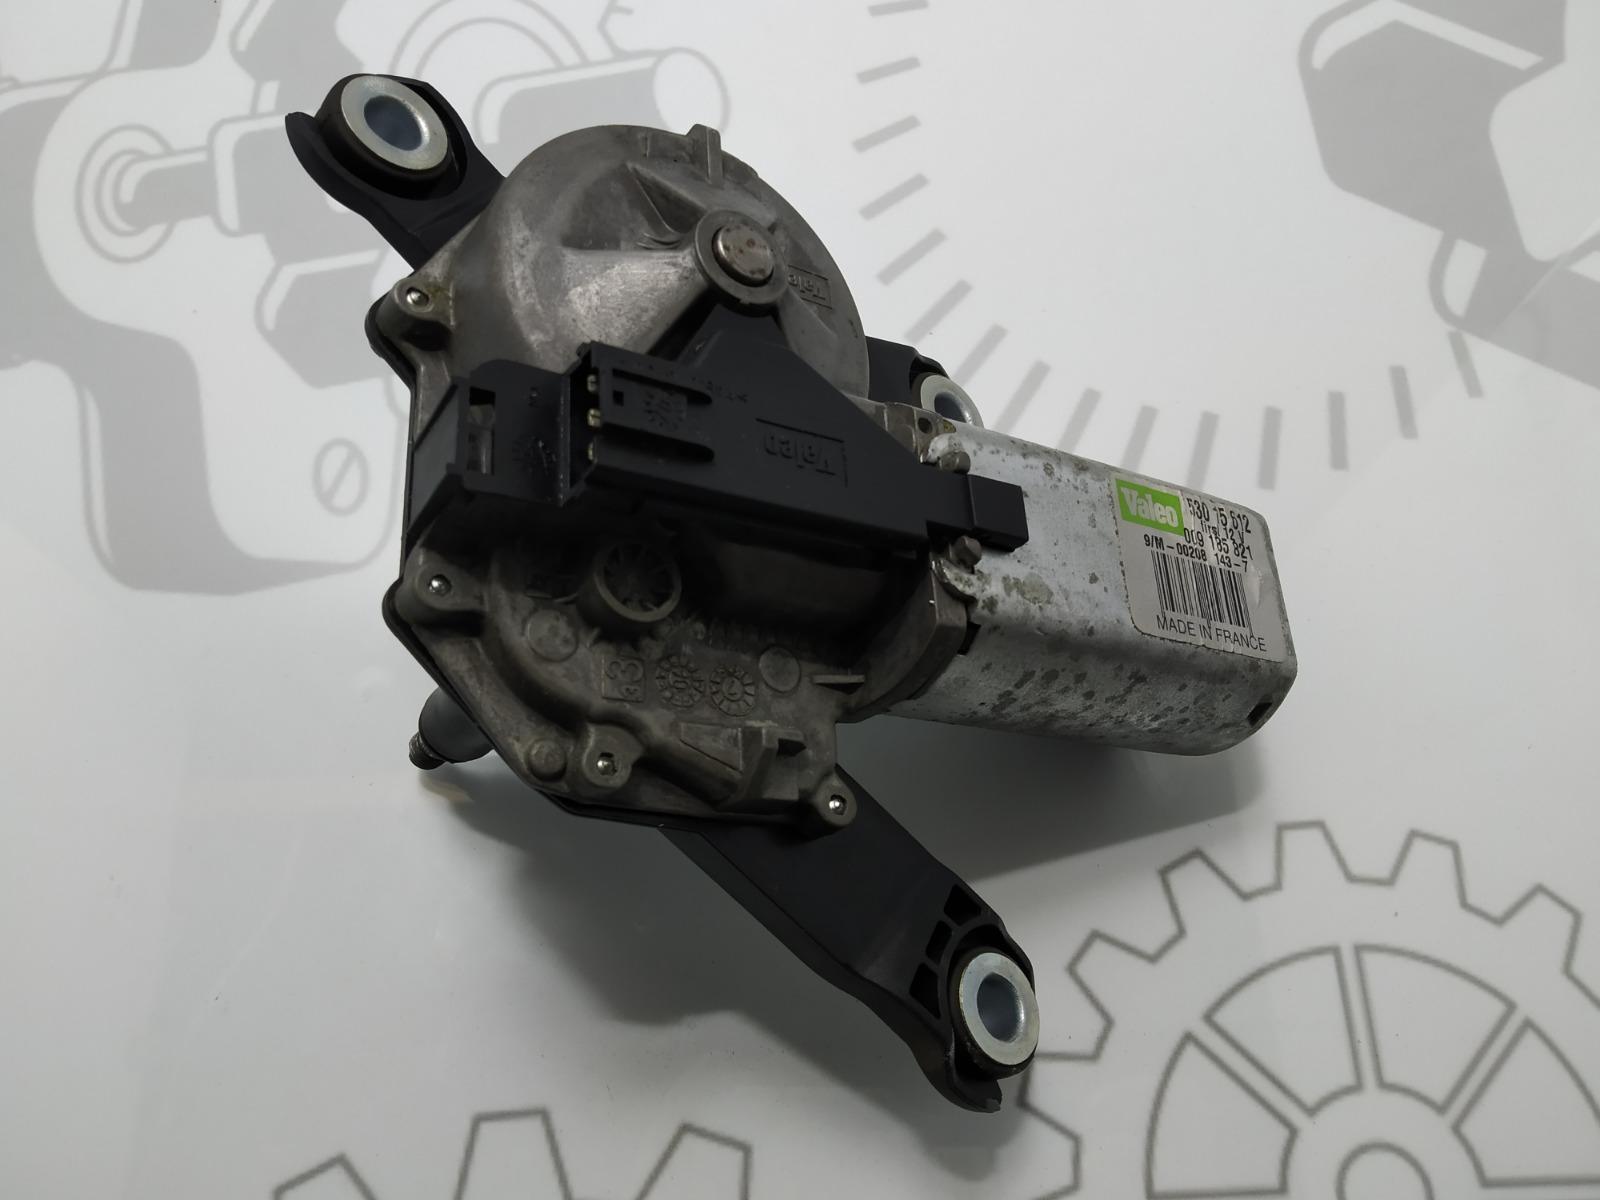 Моторчик заднего стеклоочистителя (дворника) Opel Vectra C 1.8 I 2007 (б/у)